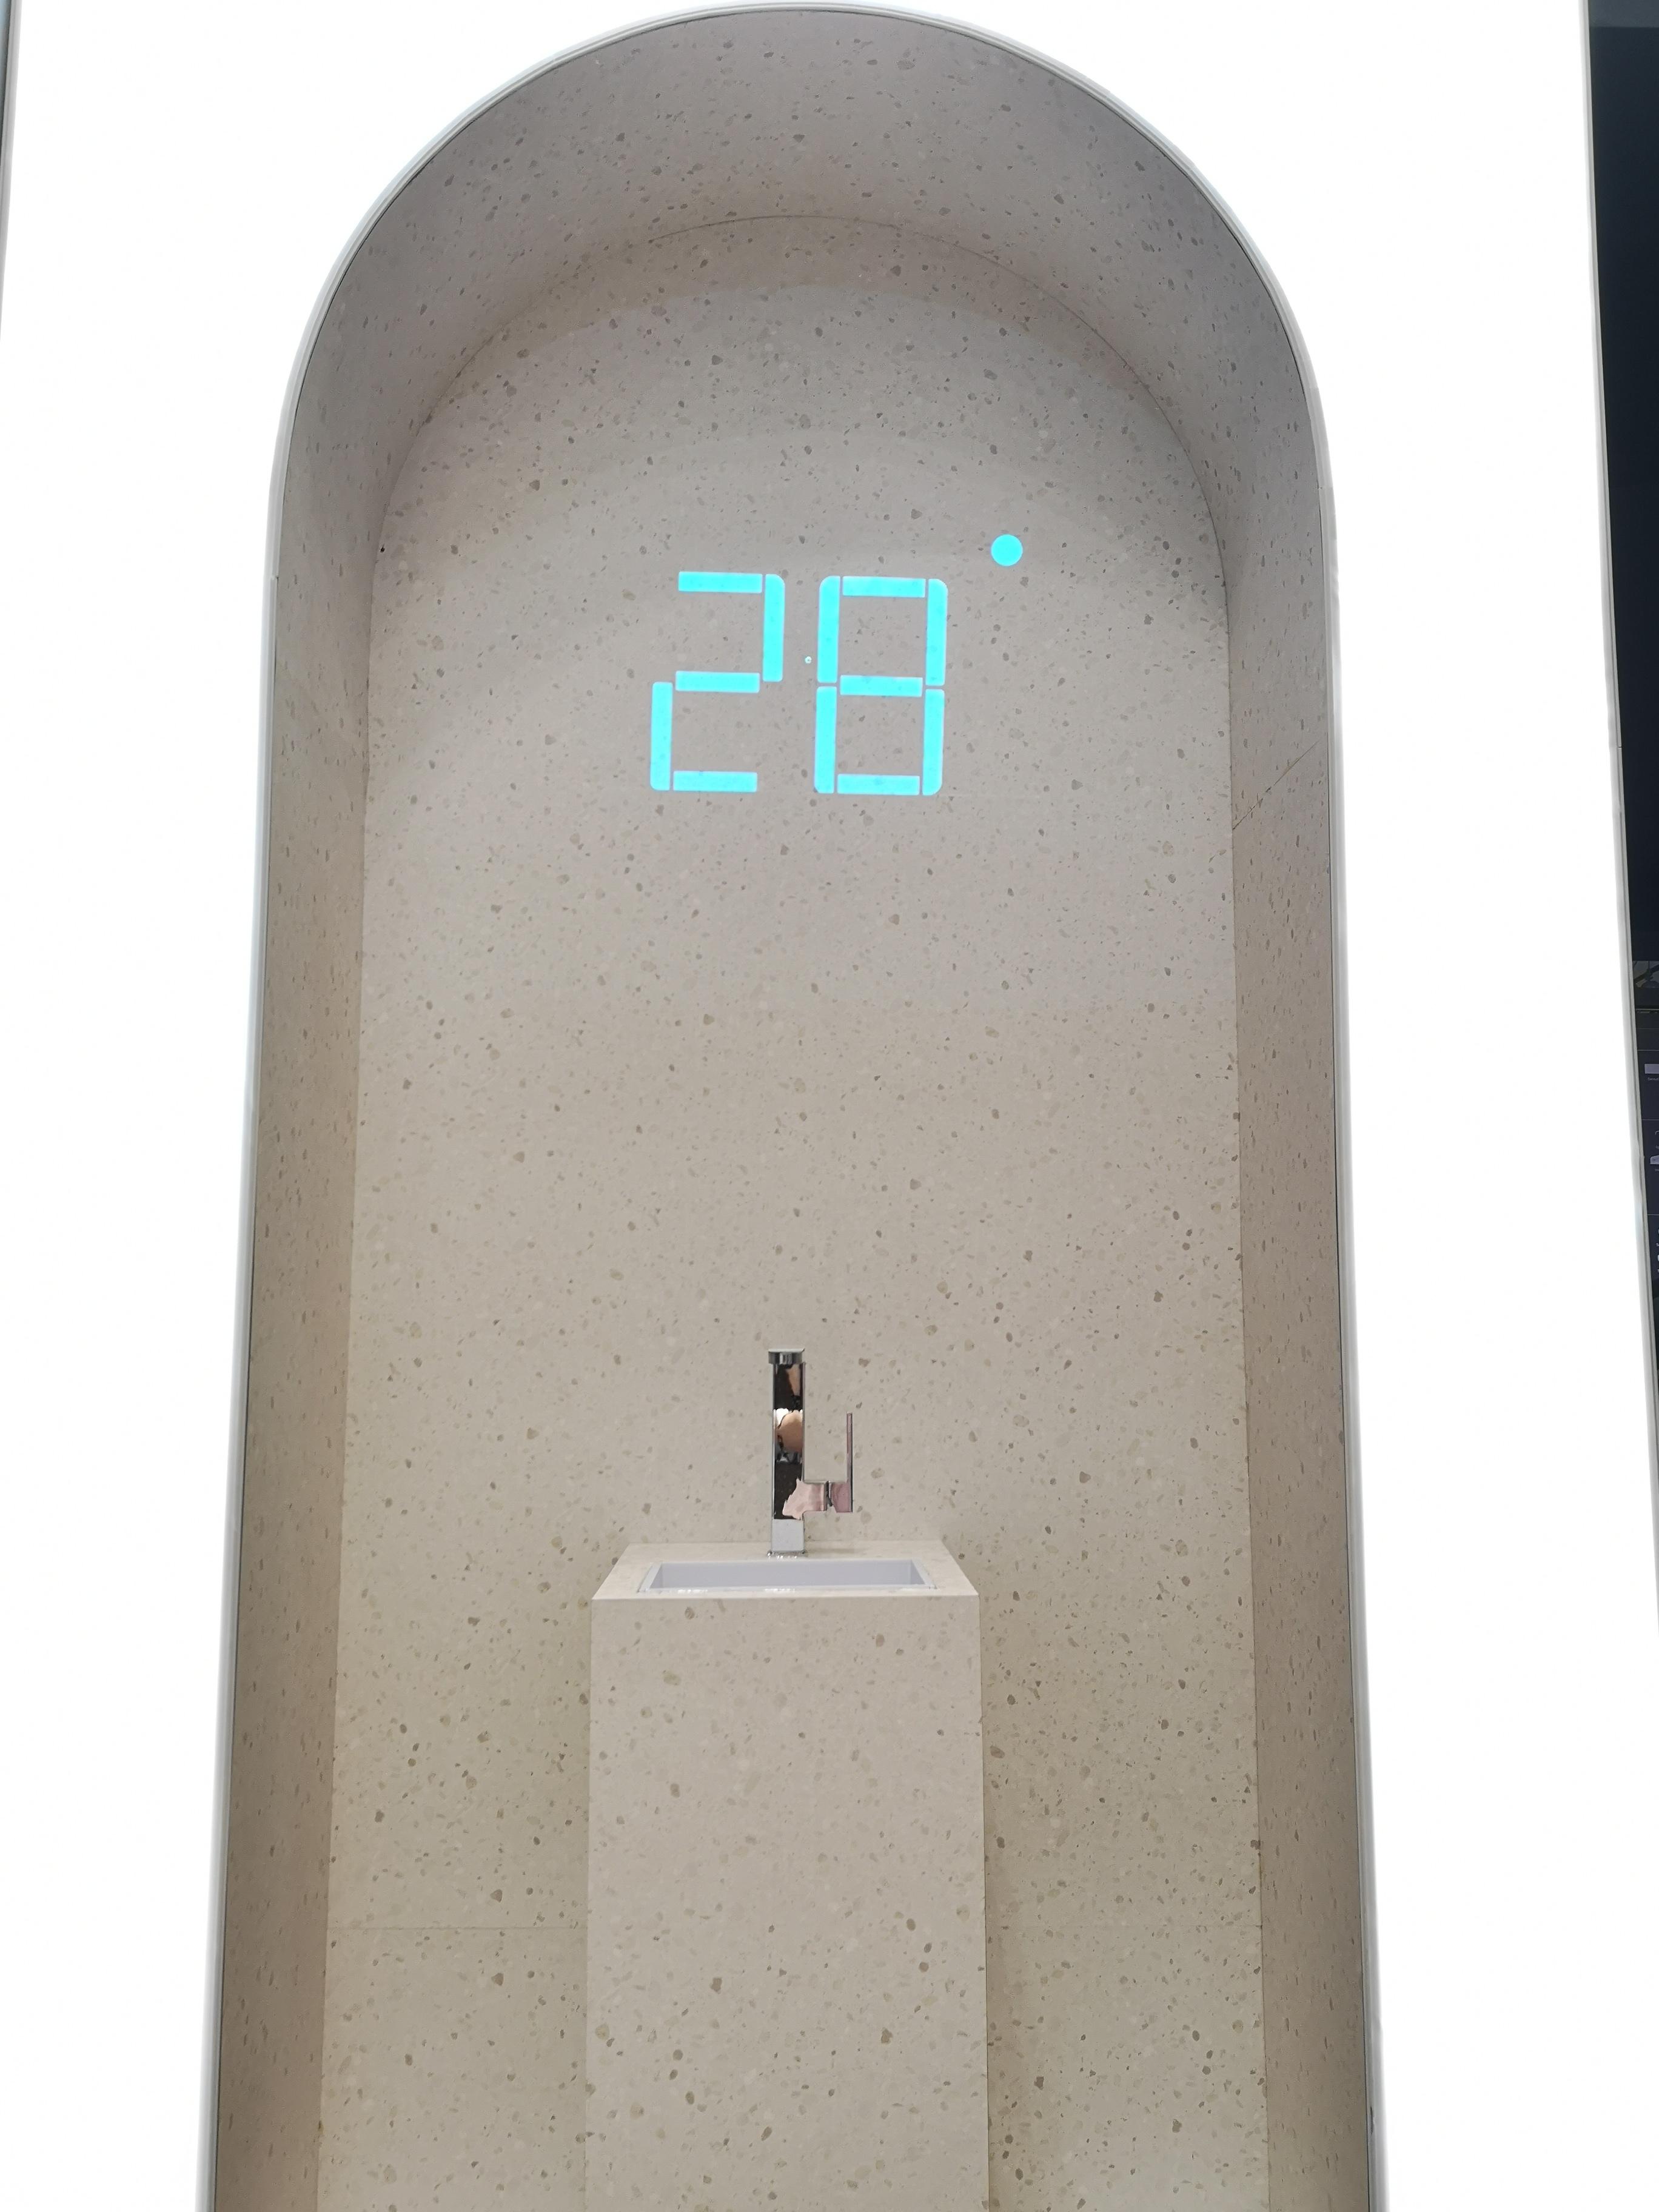 高仪:可以看见温度的智能龙头